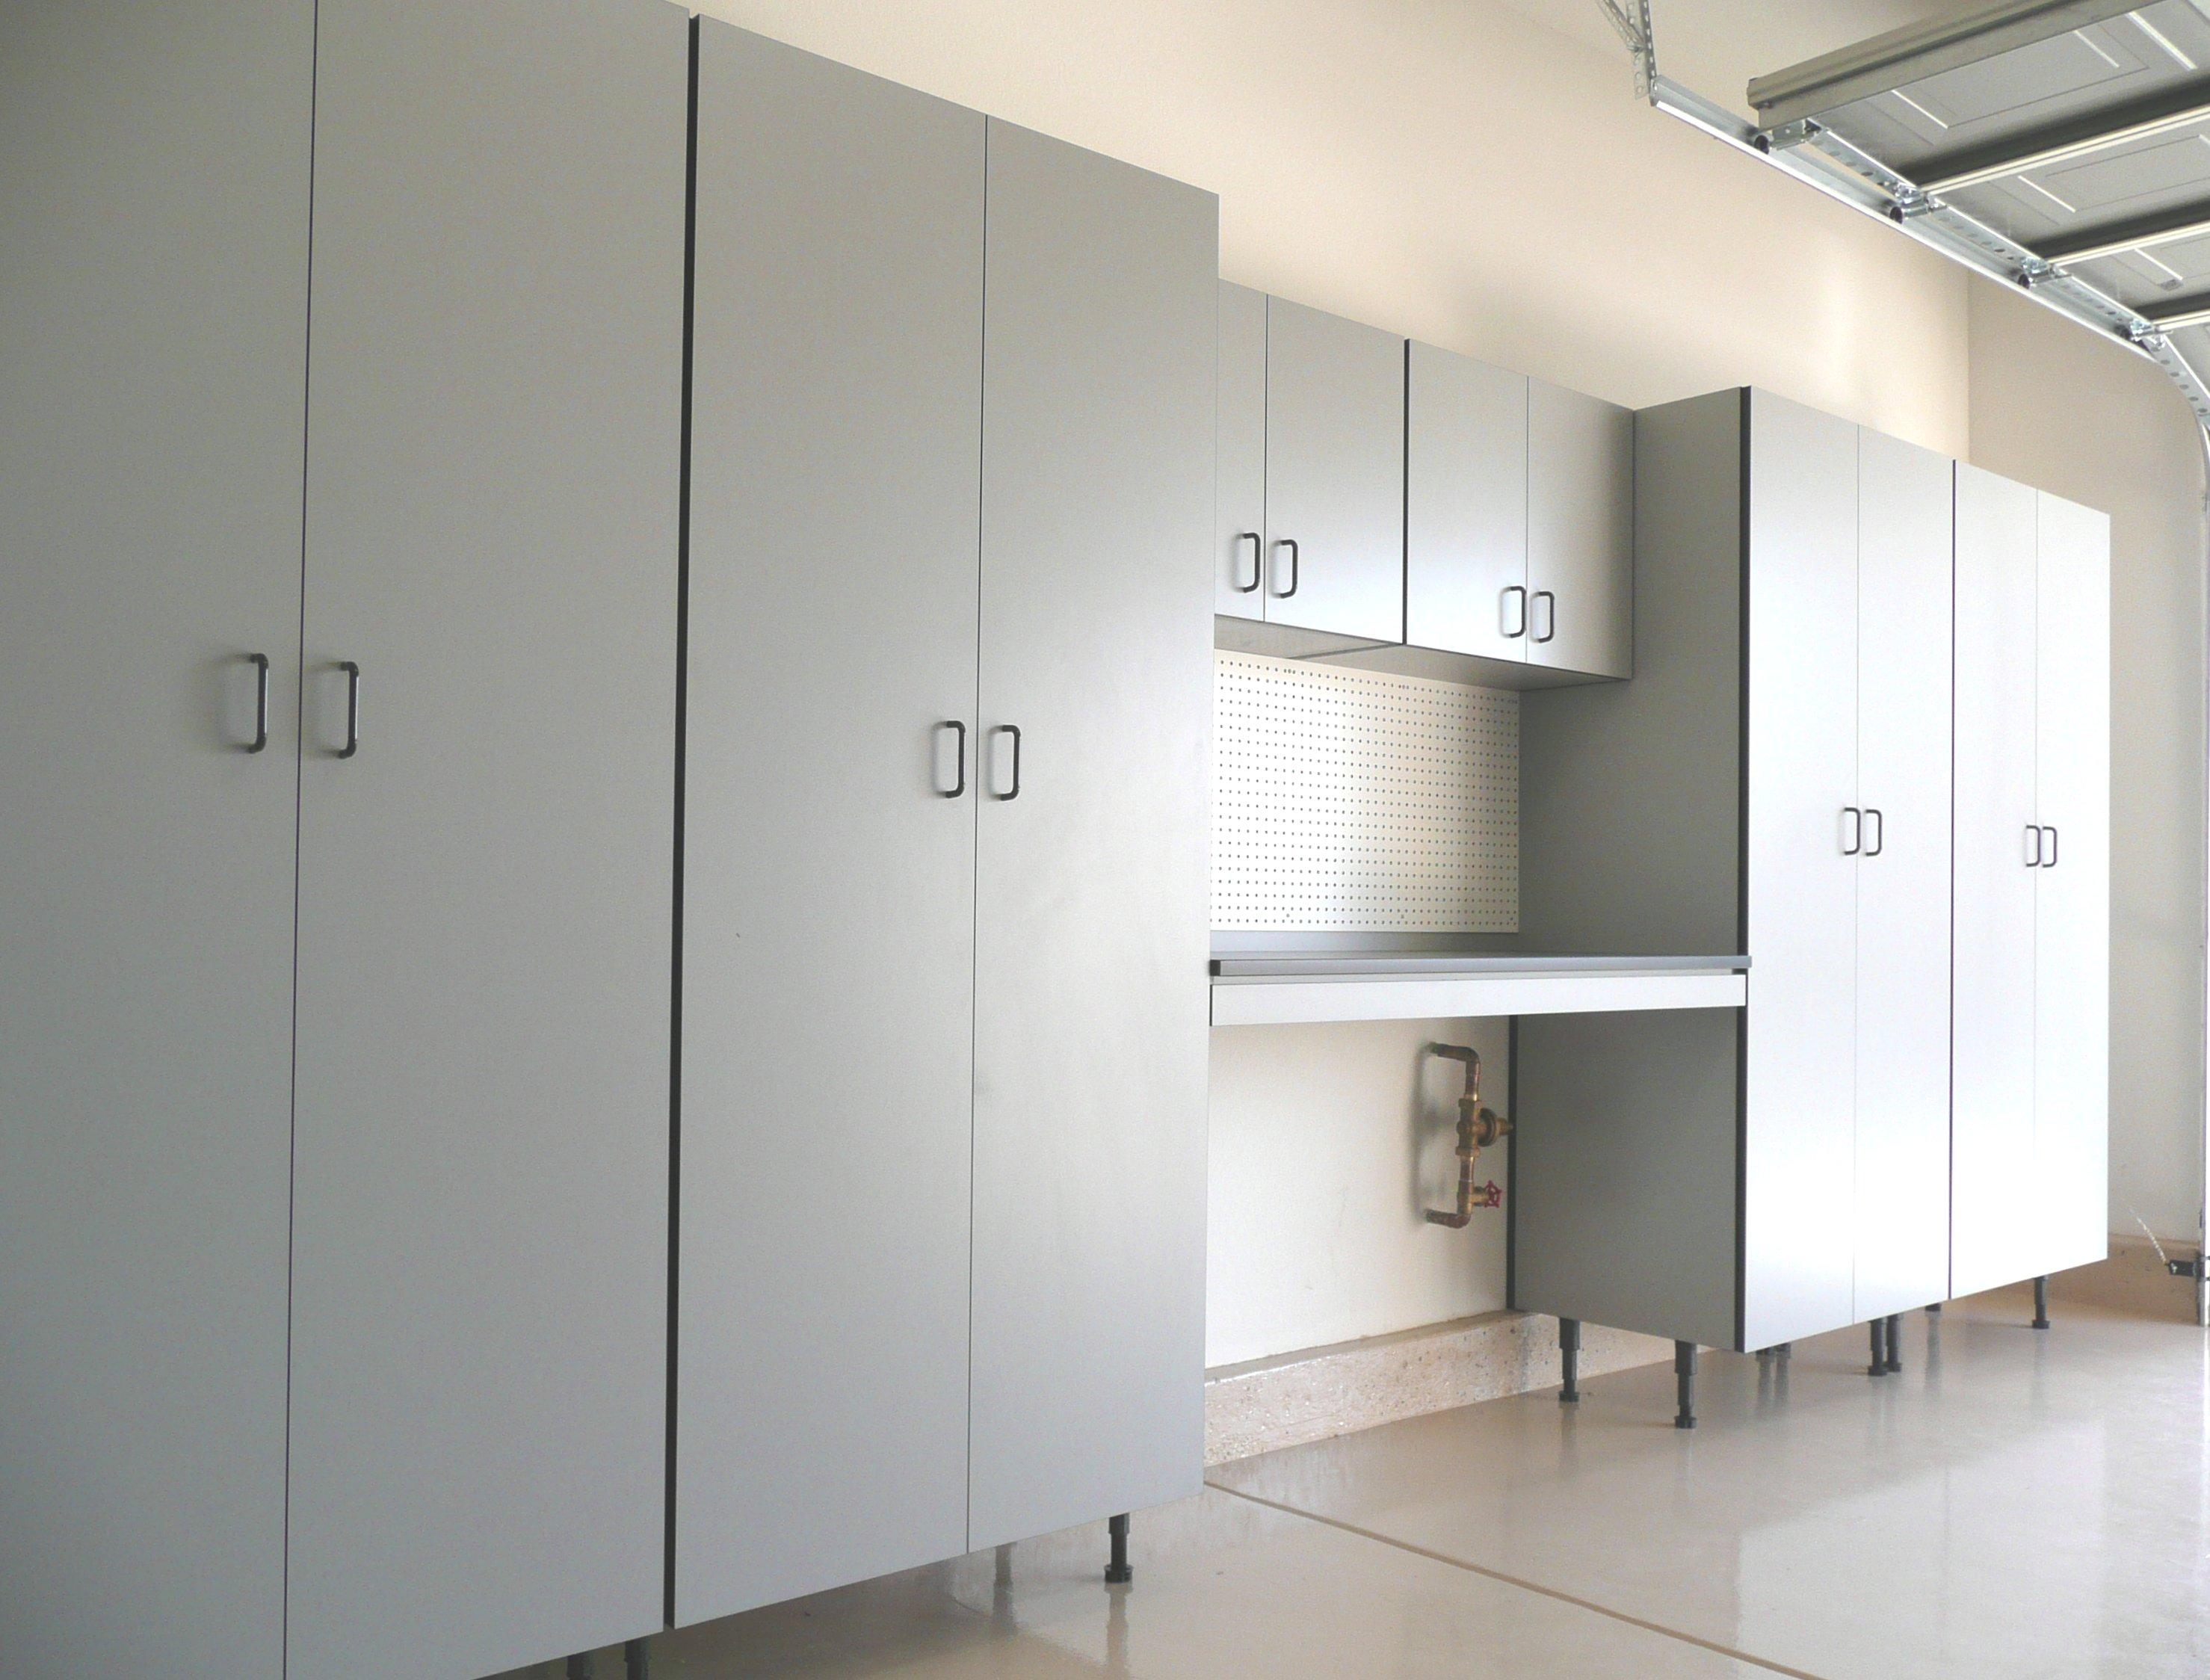 garage cabinets garage cabinets. Black Bedroom Furniture Sets. Home Design Ideas